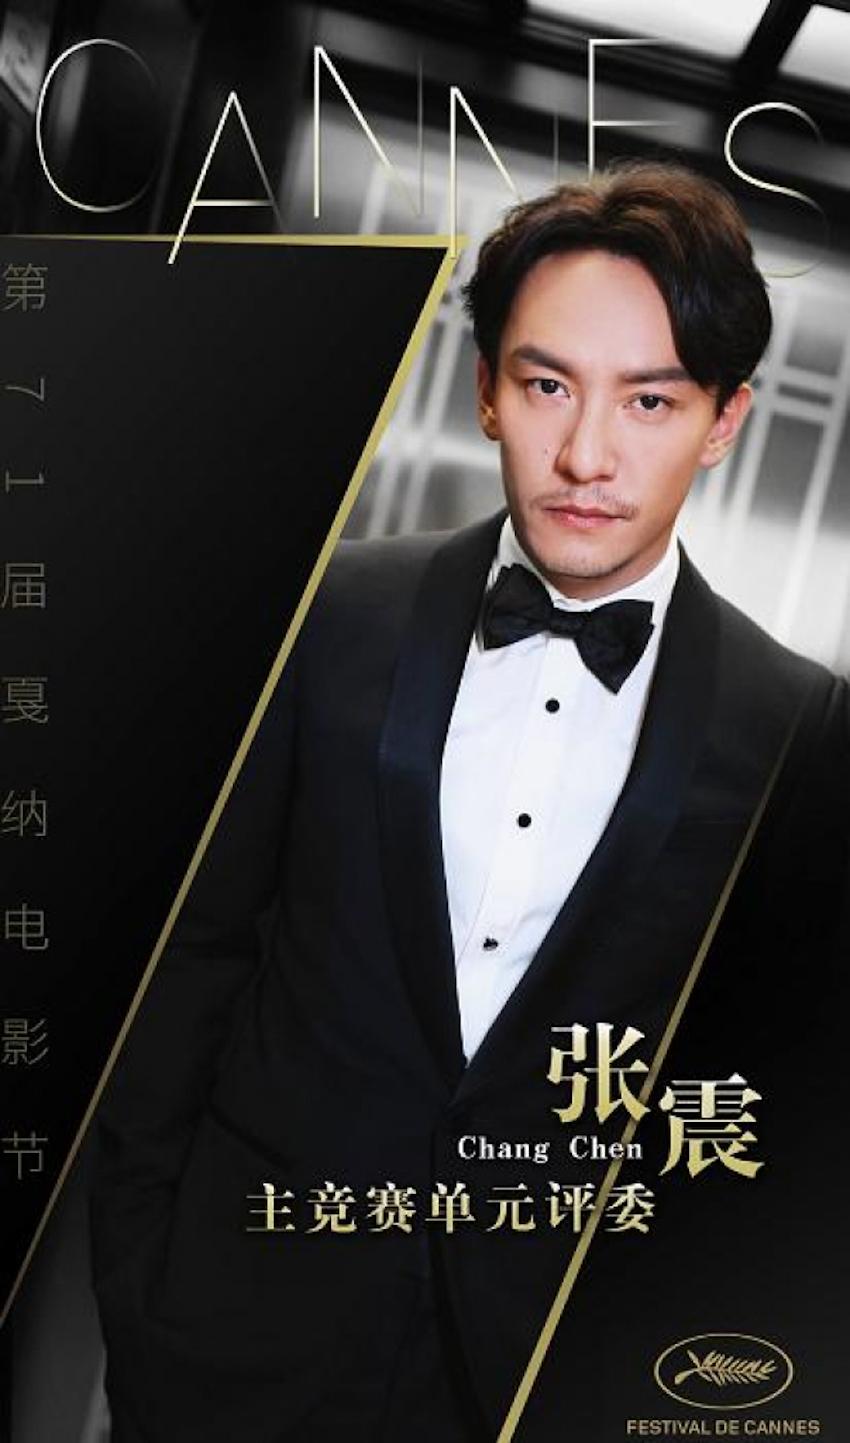 Trương Chấn được chọn làm thành viên ban giám khảo Cannes 2018